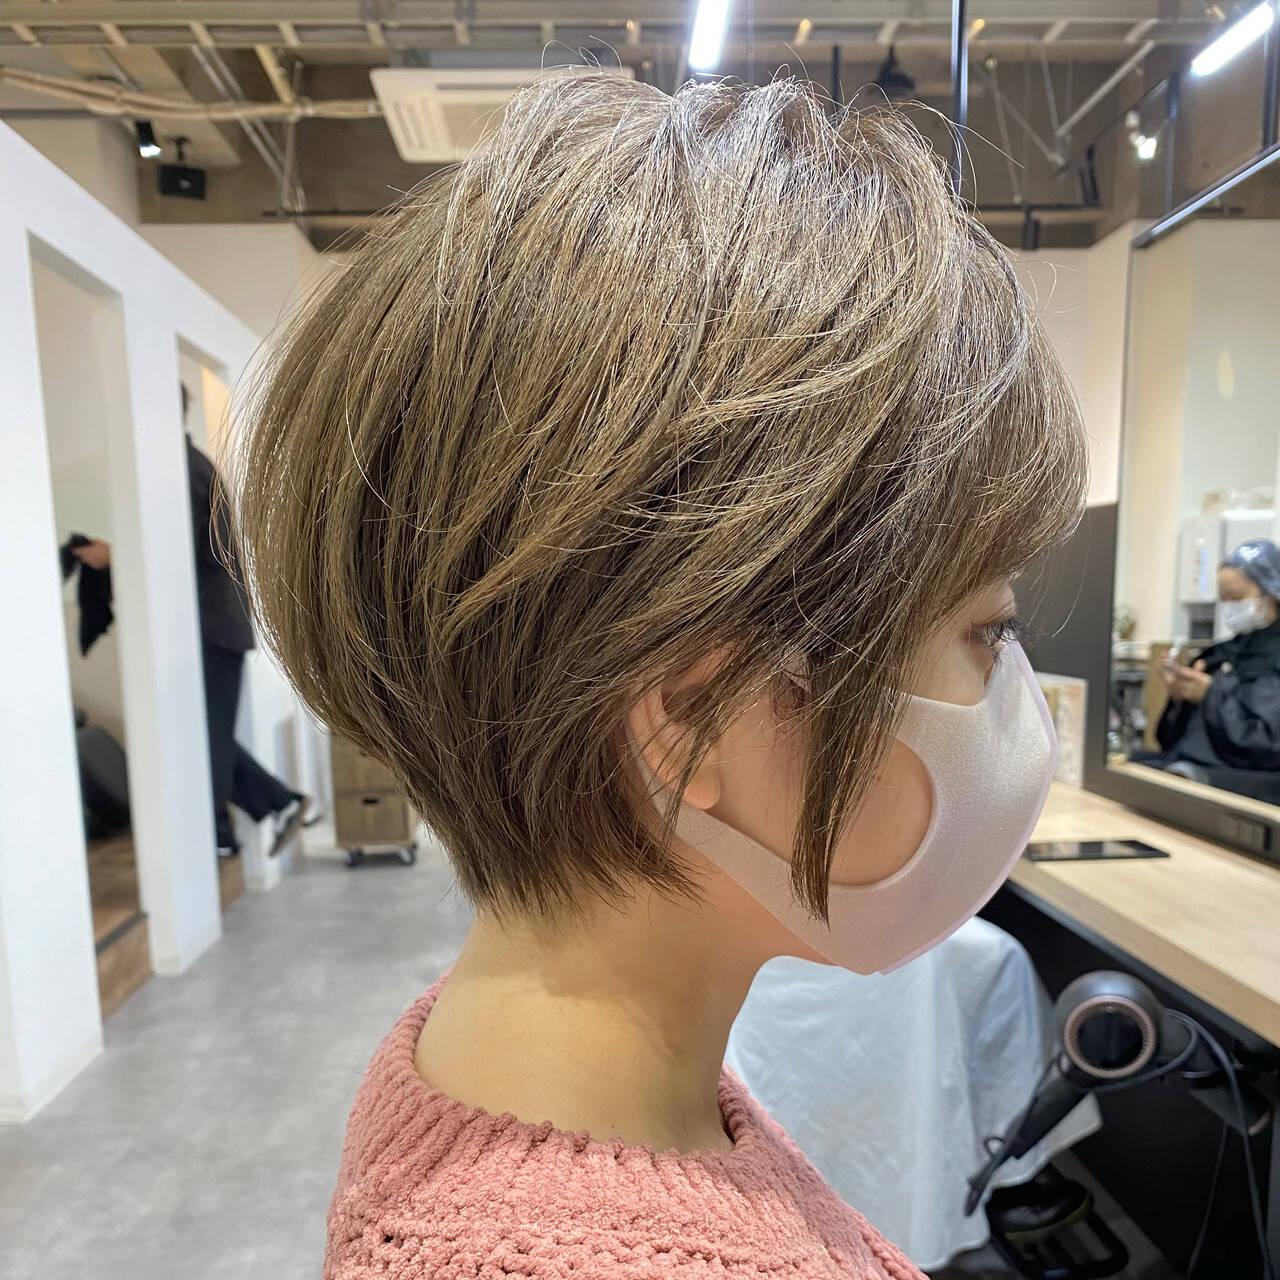 ハイトーン ハイトーンカラー ショート デザインカラーヘアスタイルや髪型の写真・画像